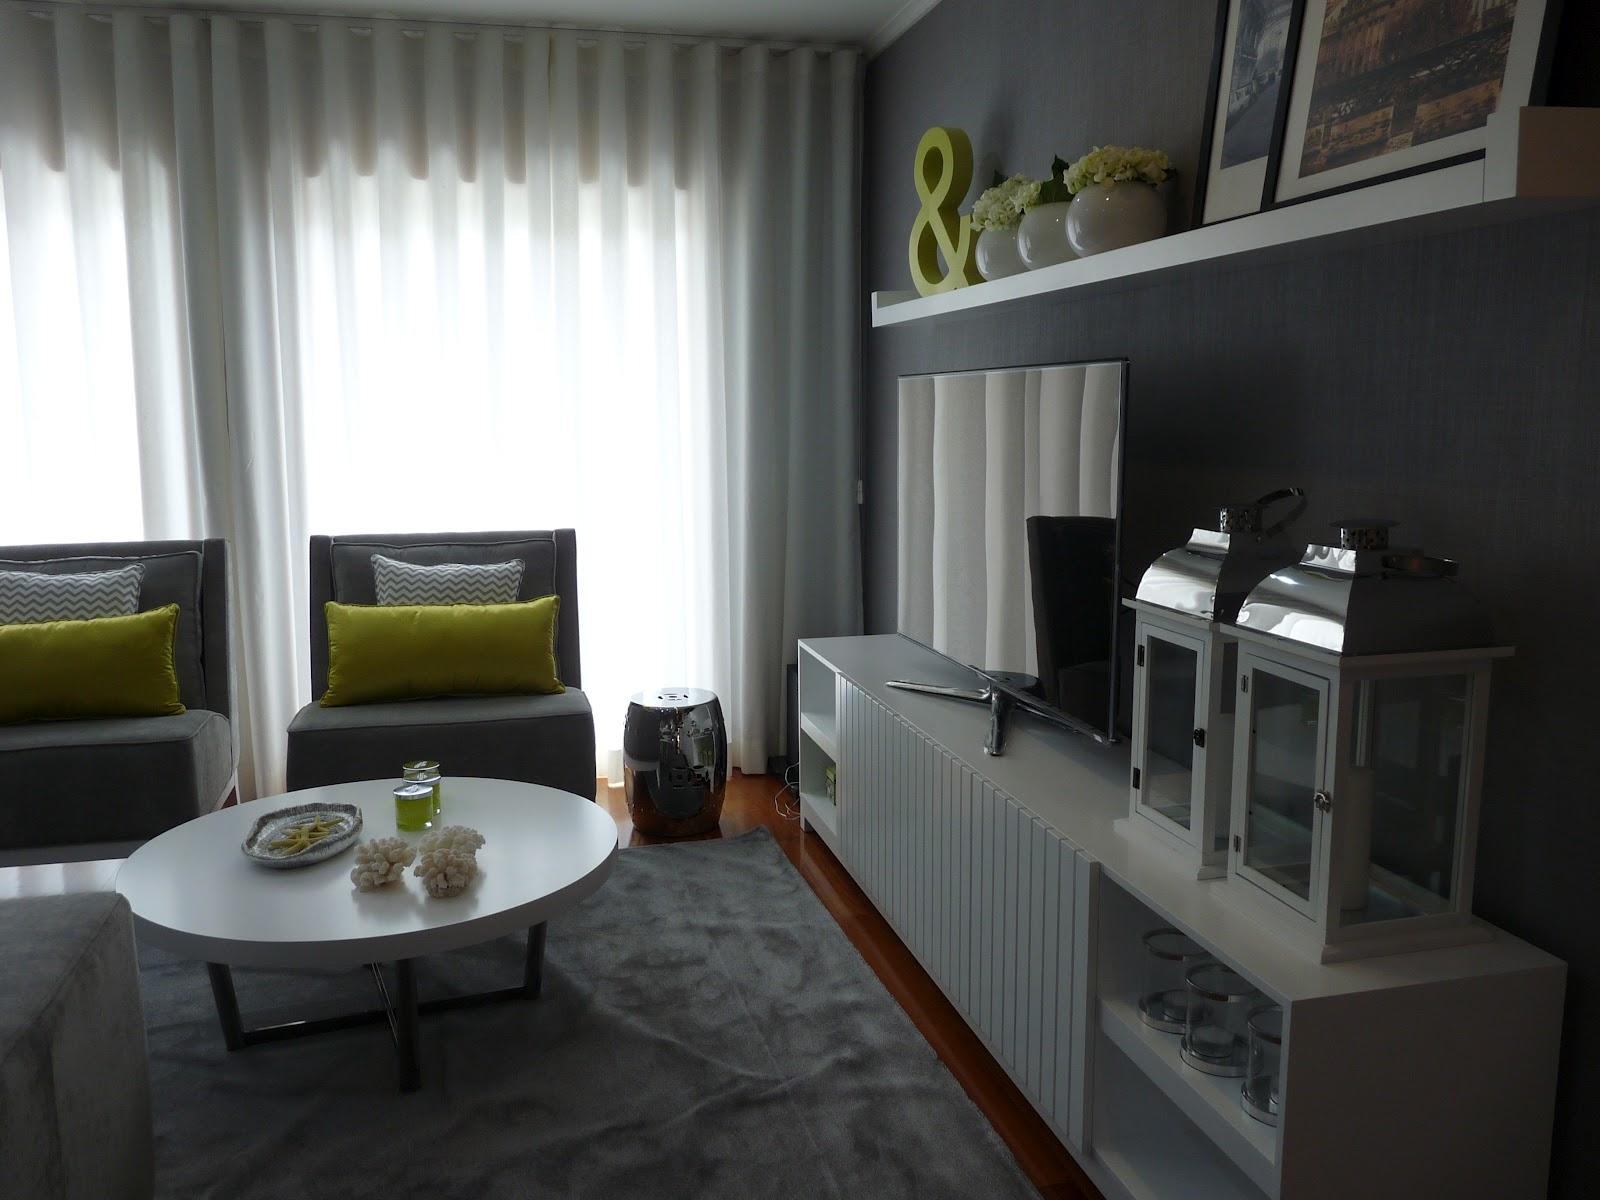 Blanco interiores projecto novo a norte 2 new for Ambientes interiores